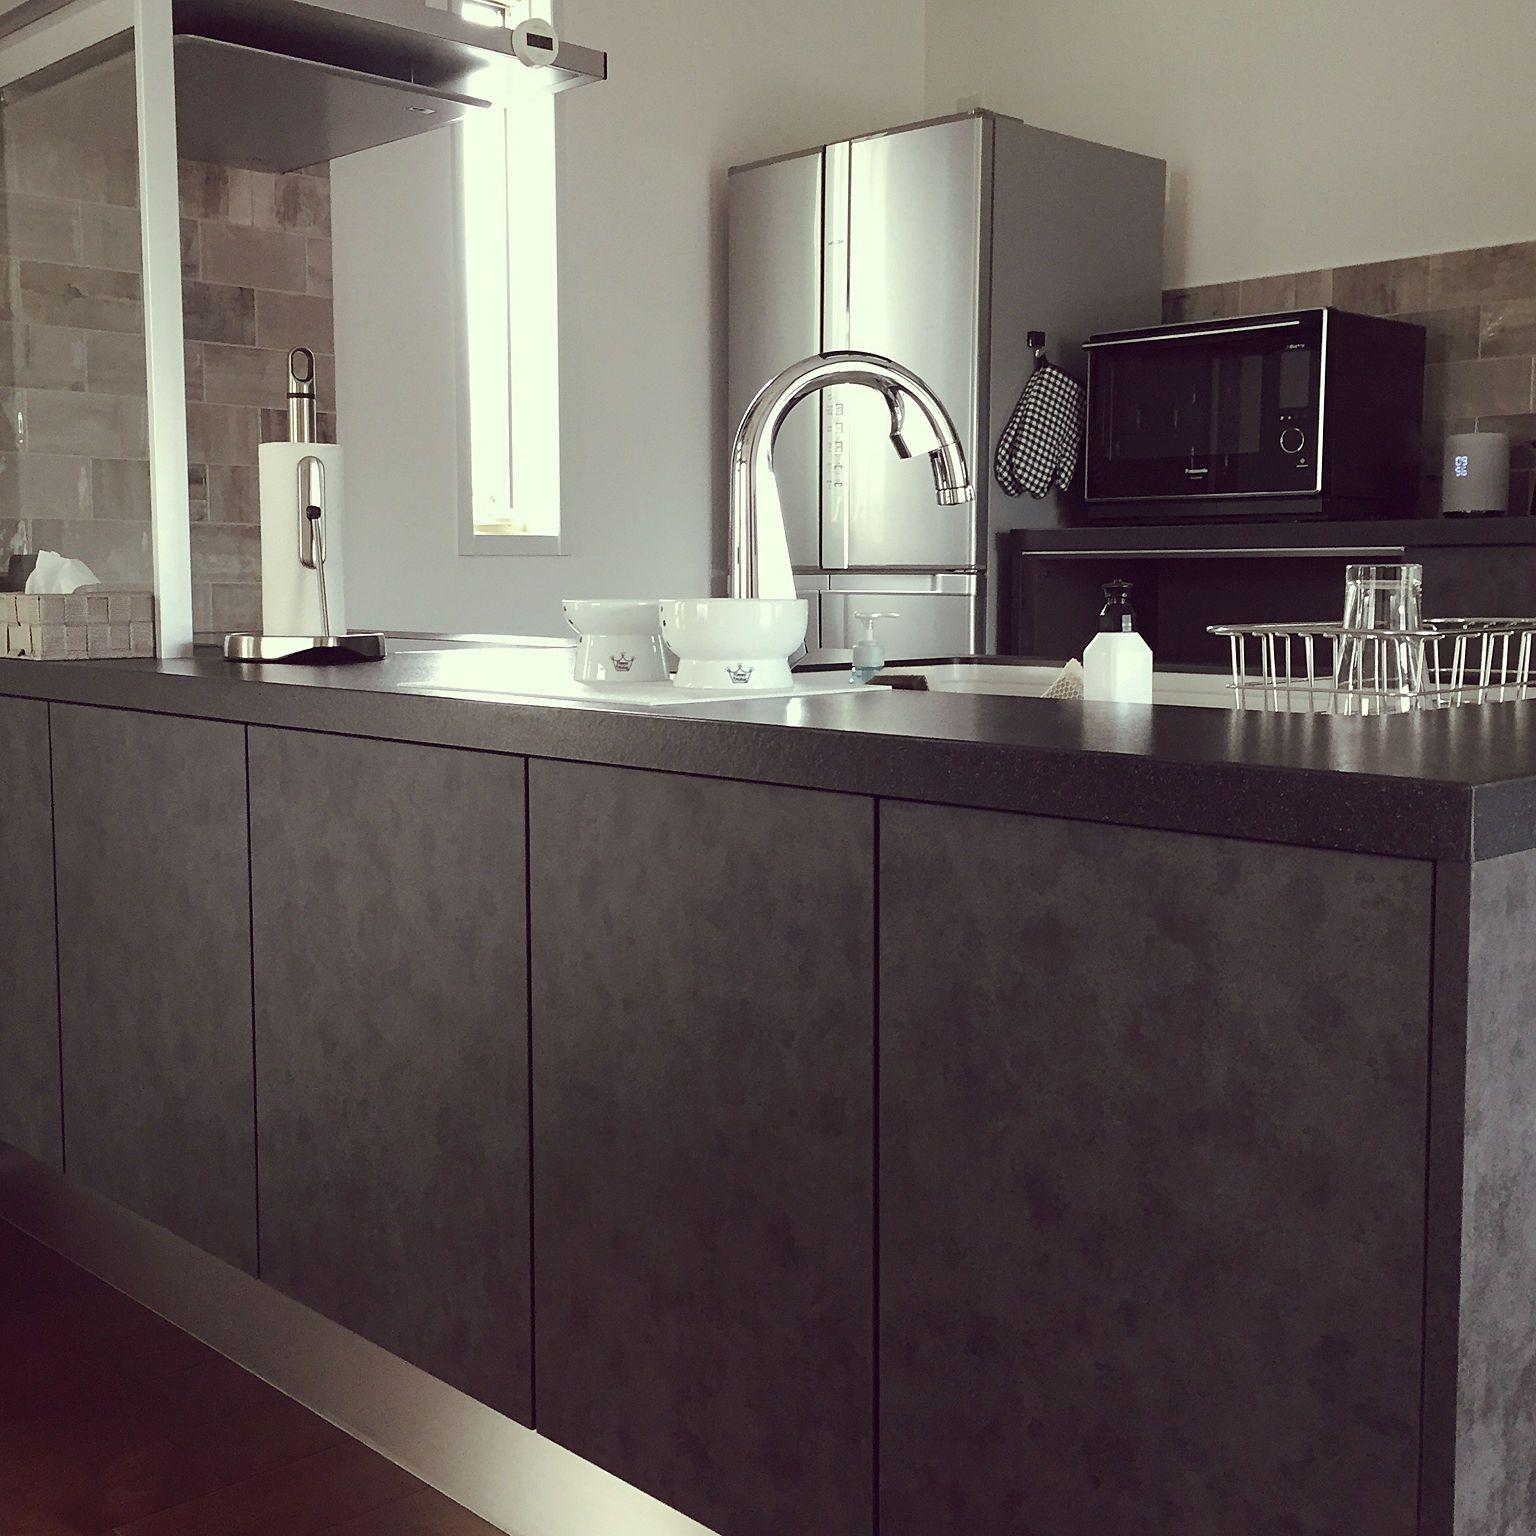 キッチン モノトーン Lクラスキッチン パナソニックのインテリア実例 2018 10 31 10 04 19 Roomclip ルームクリップ リビング キッチン 黒いキッチン キッチン